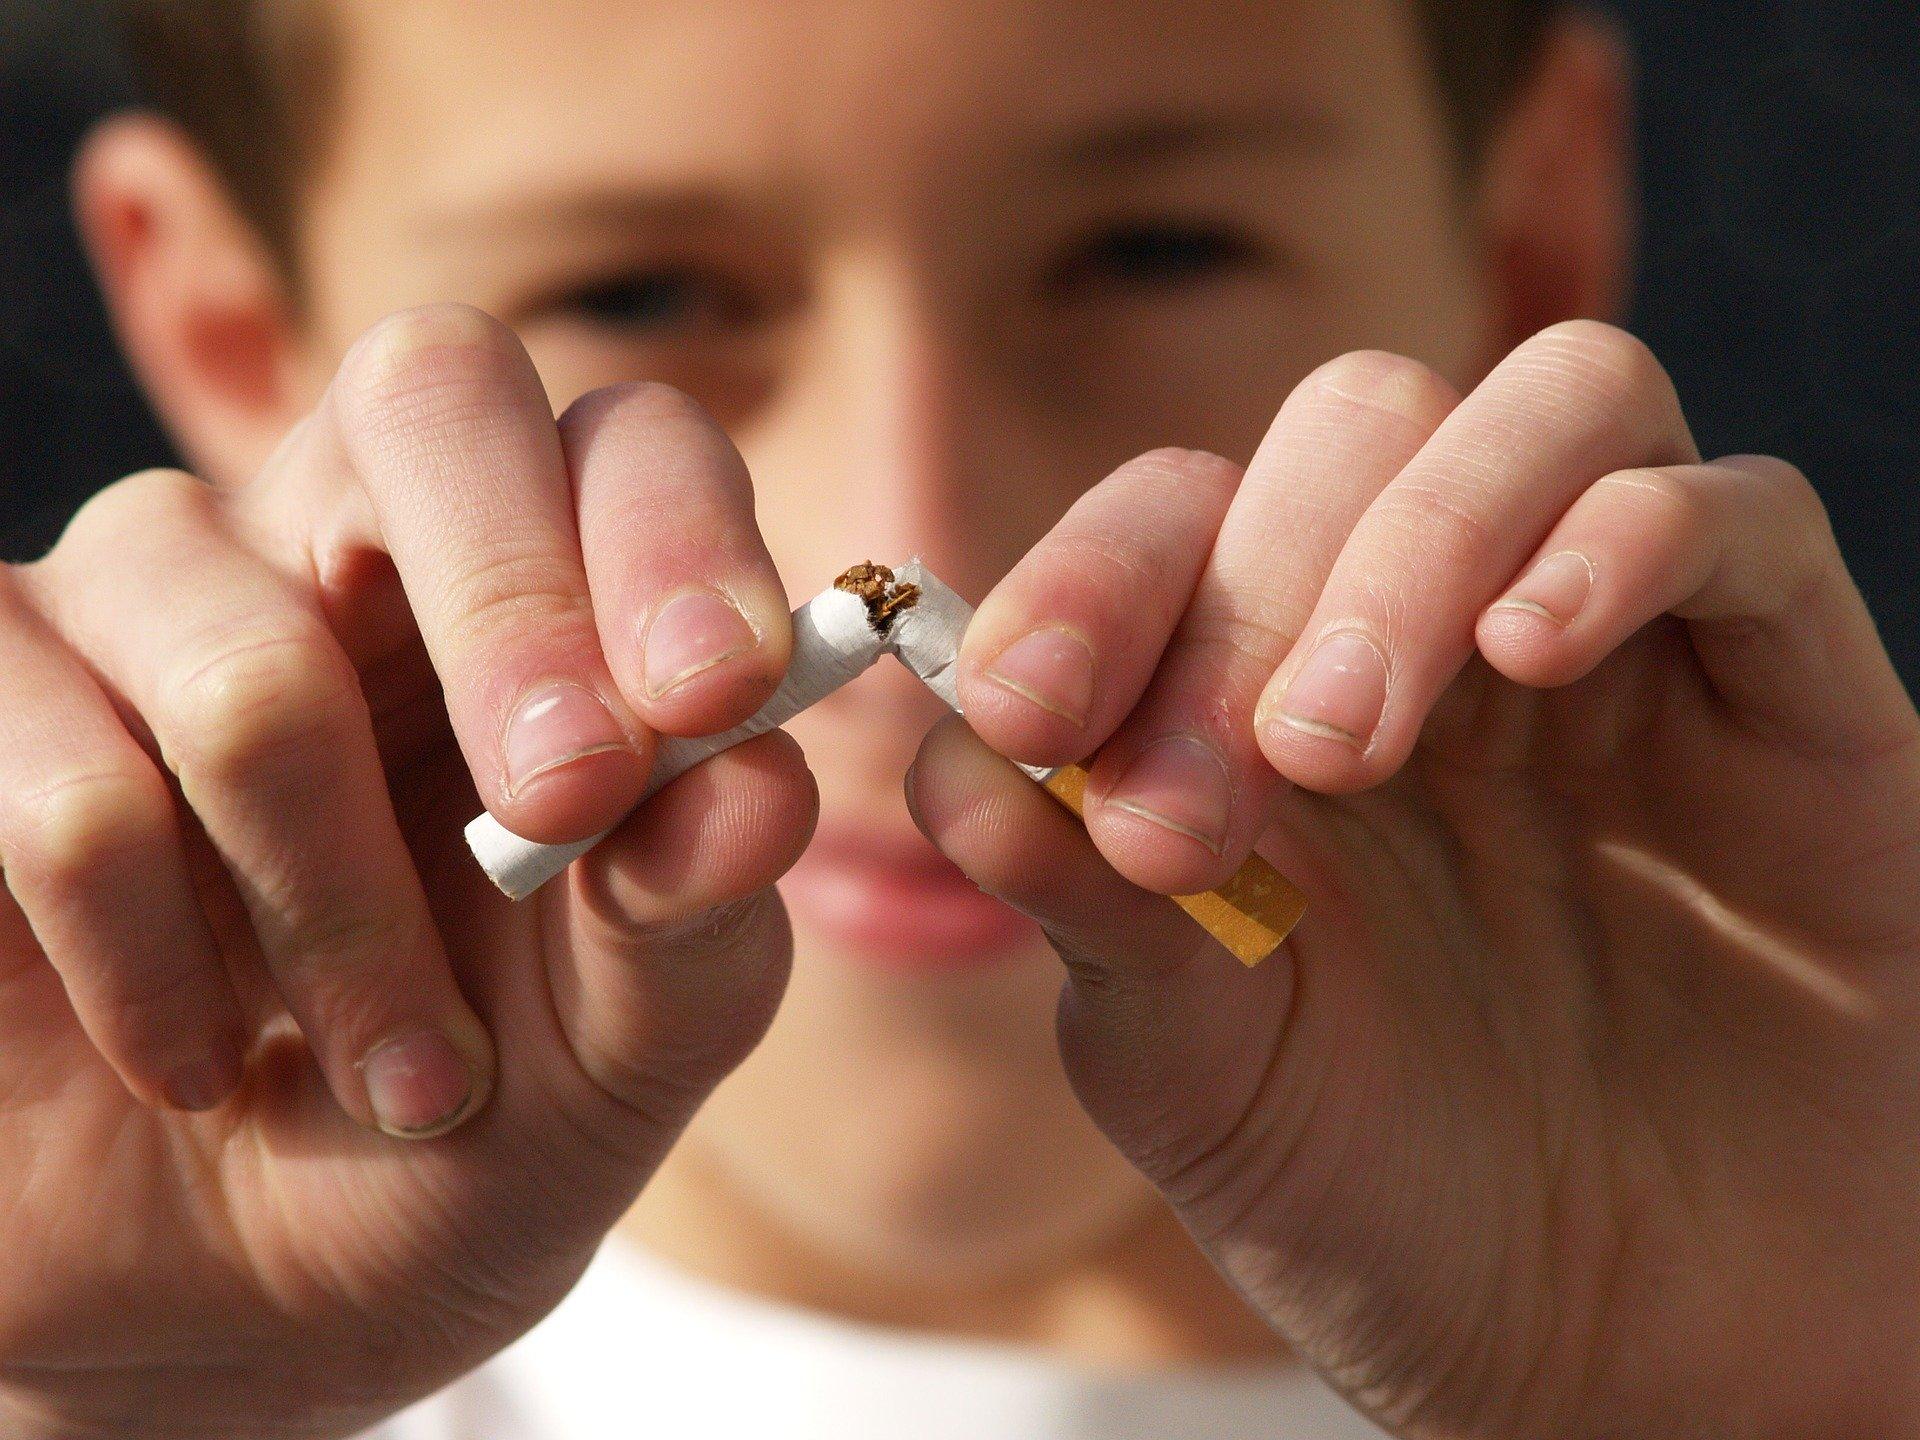 Les programmes visant à renforcer les compétences psychosociales sont-ils efficaces pour prévenir l'usage de drogue chez les jeunes (résumé d'article)?